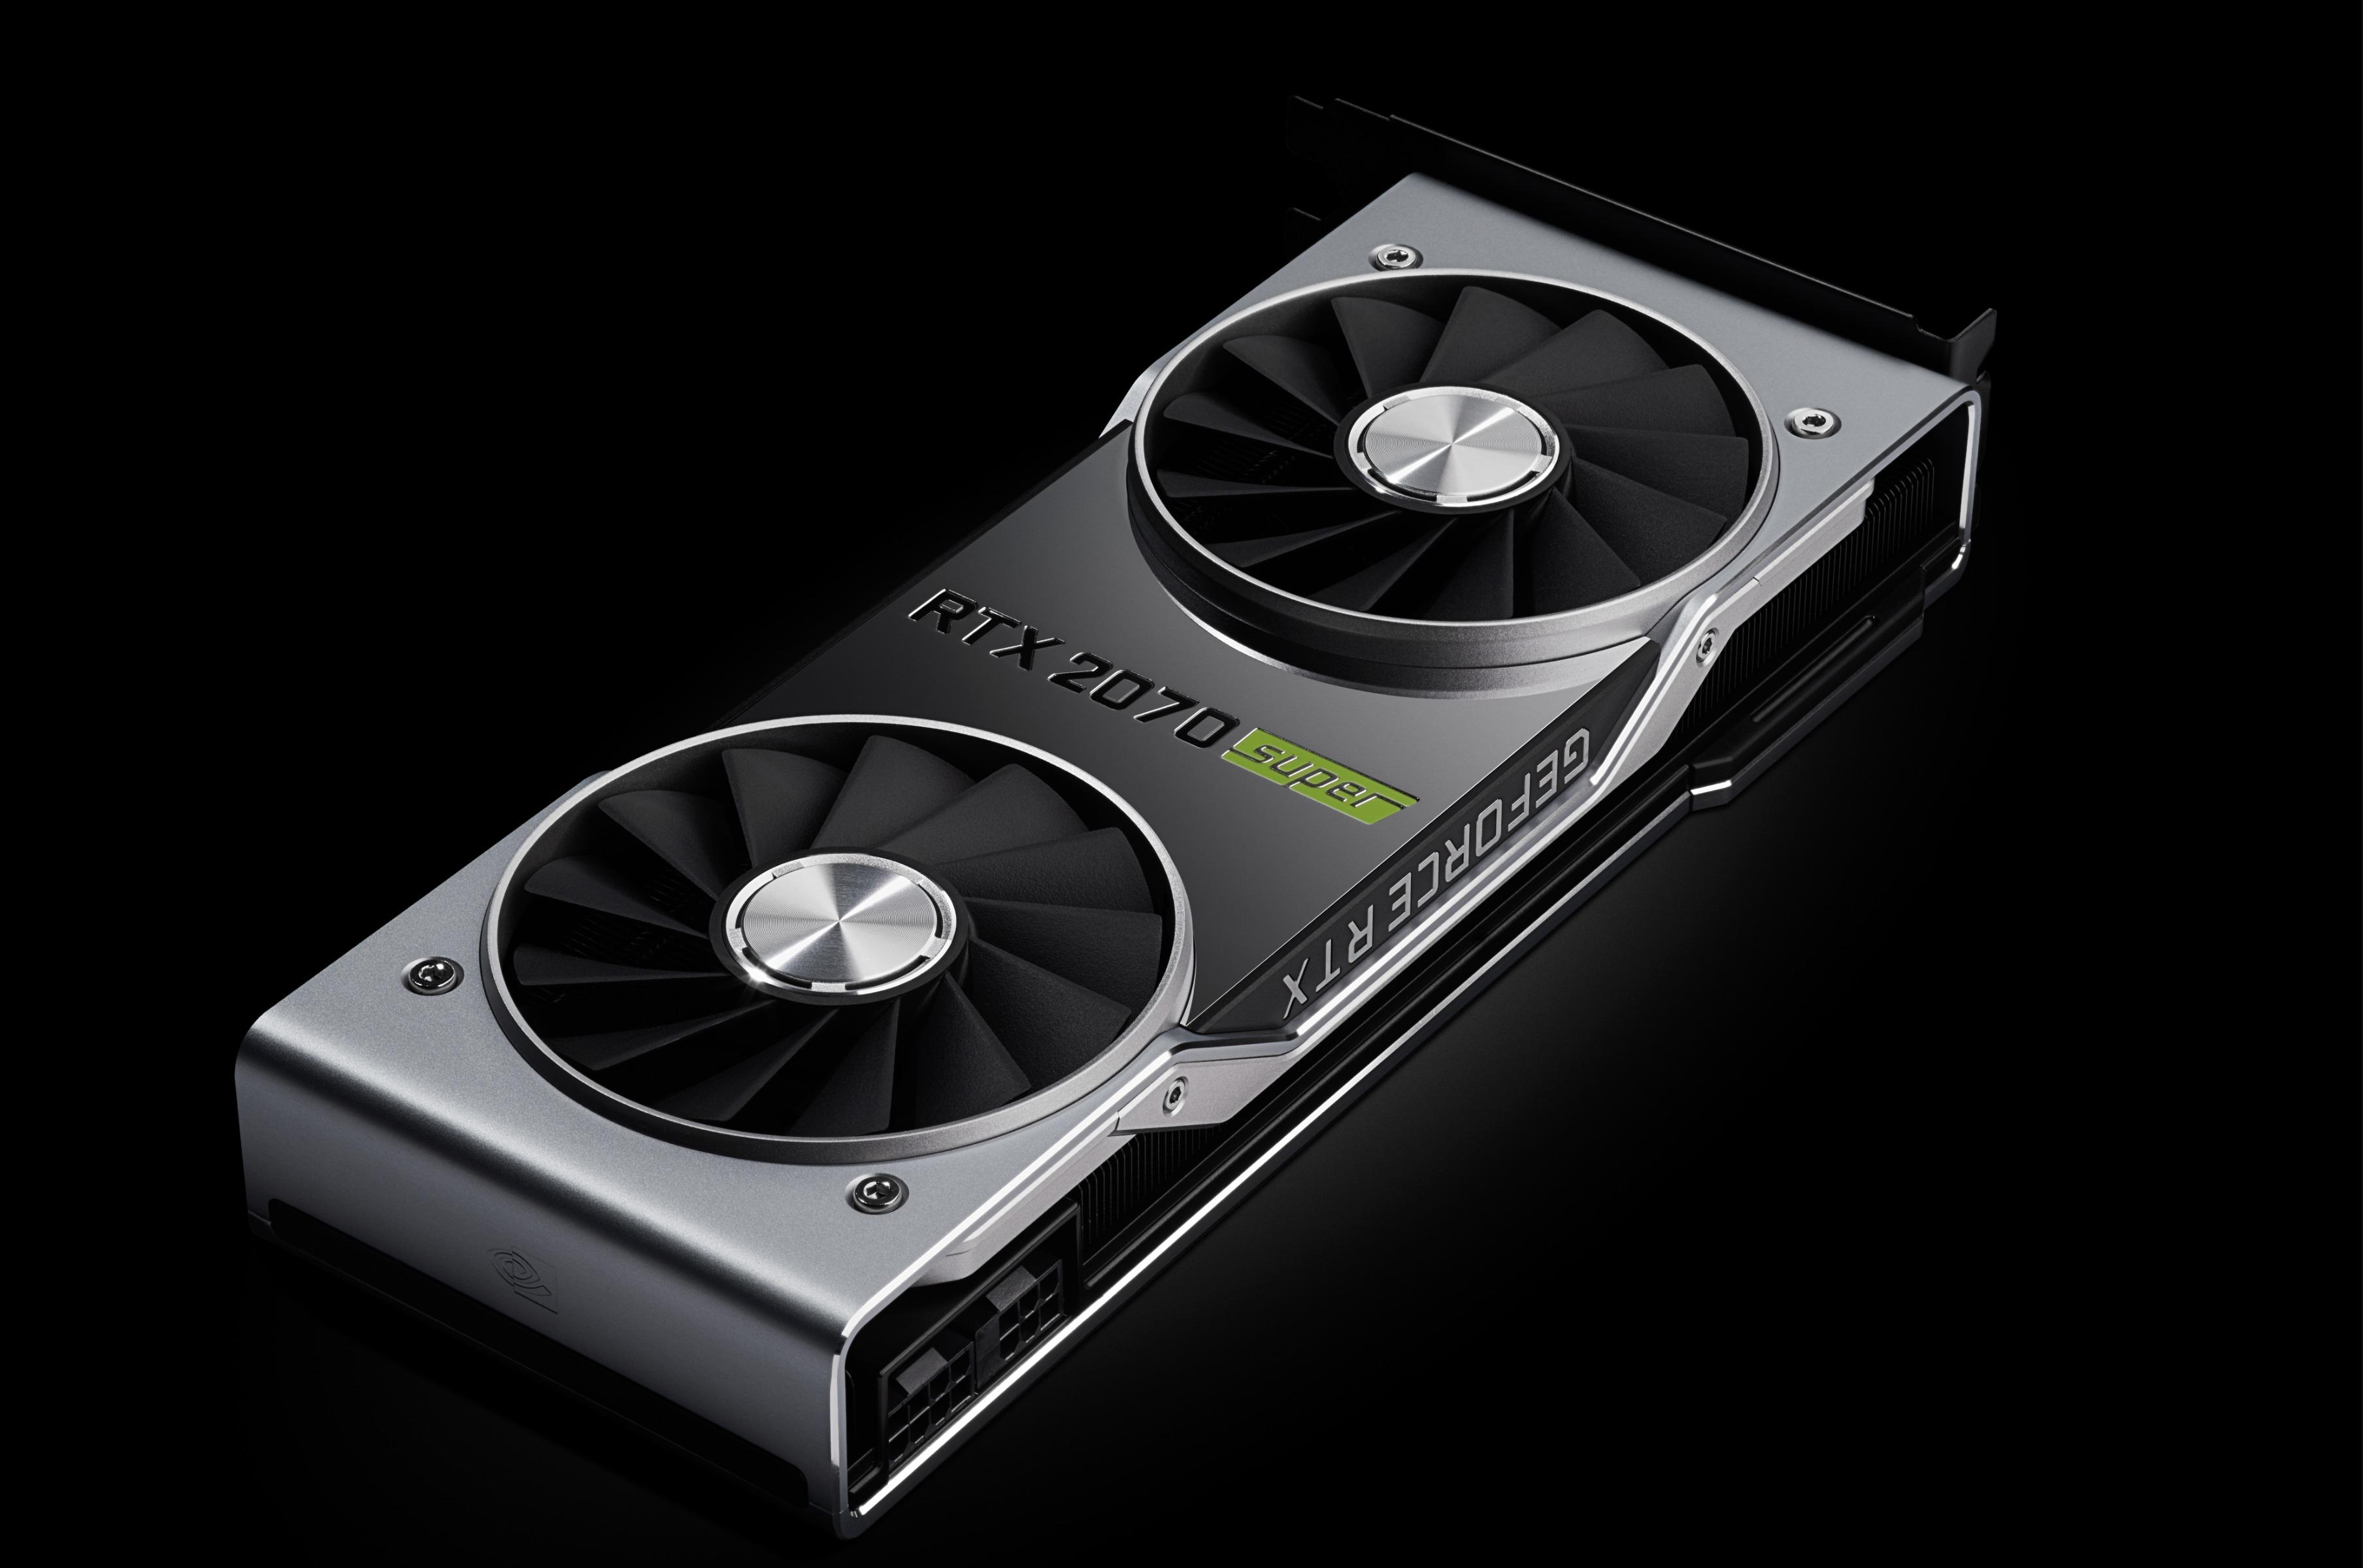 NVIDIA lanzó GeForce RTX SUPER, su nueva línea de tarjetas gráficas